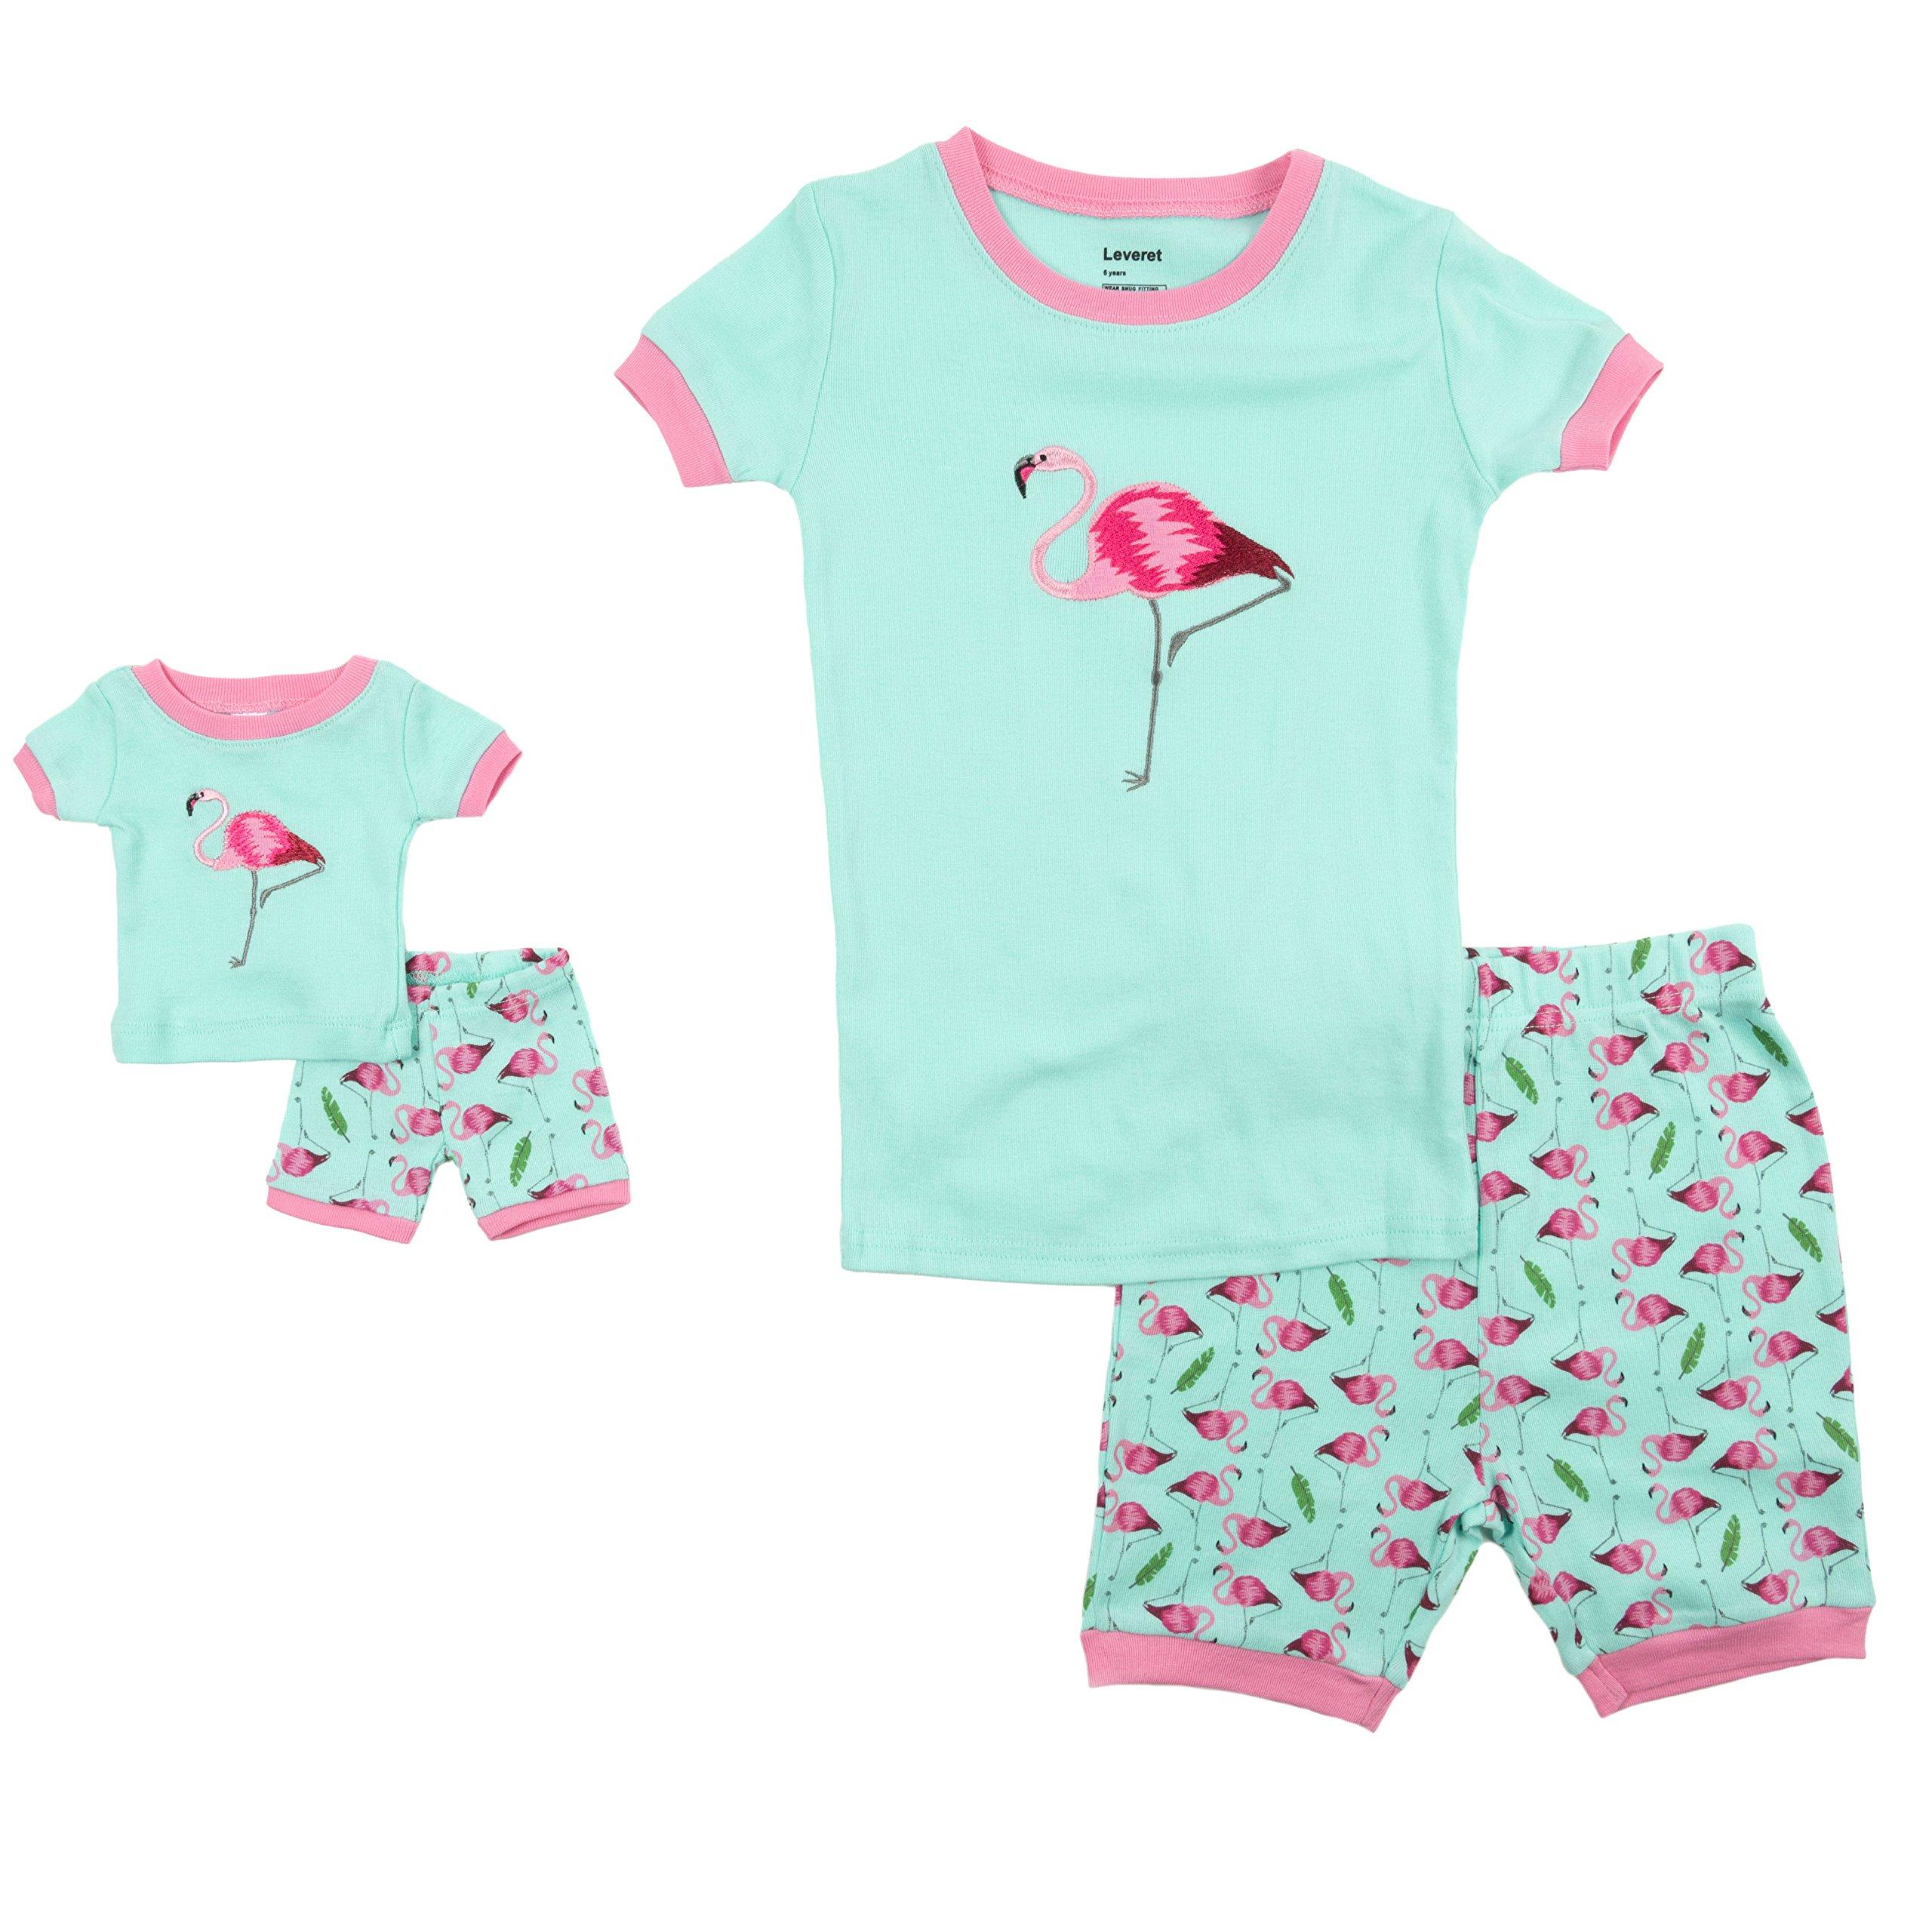 Leveret Shorts Matching Doll & Girl Flamingo 2 Piece Pajama Set 100% Cotton Size 6 Years